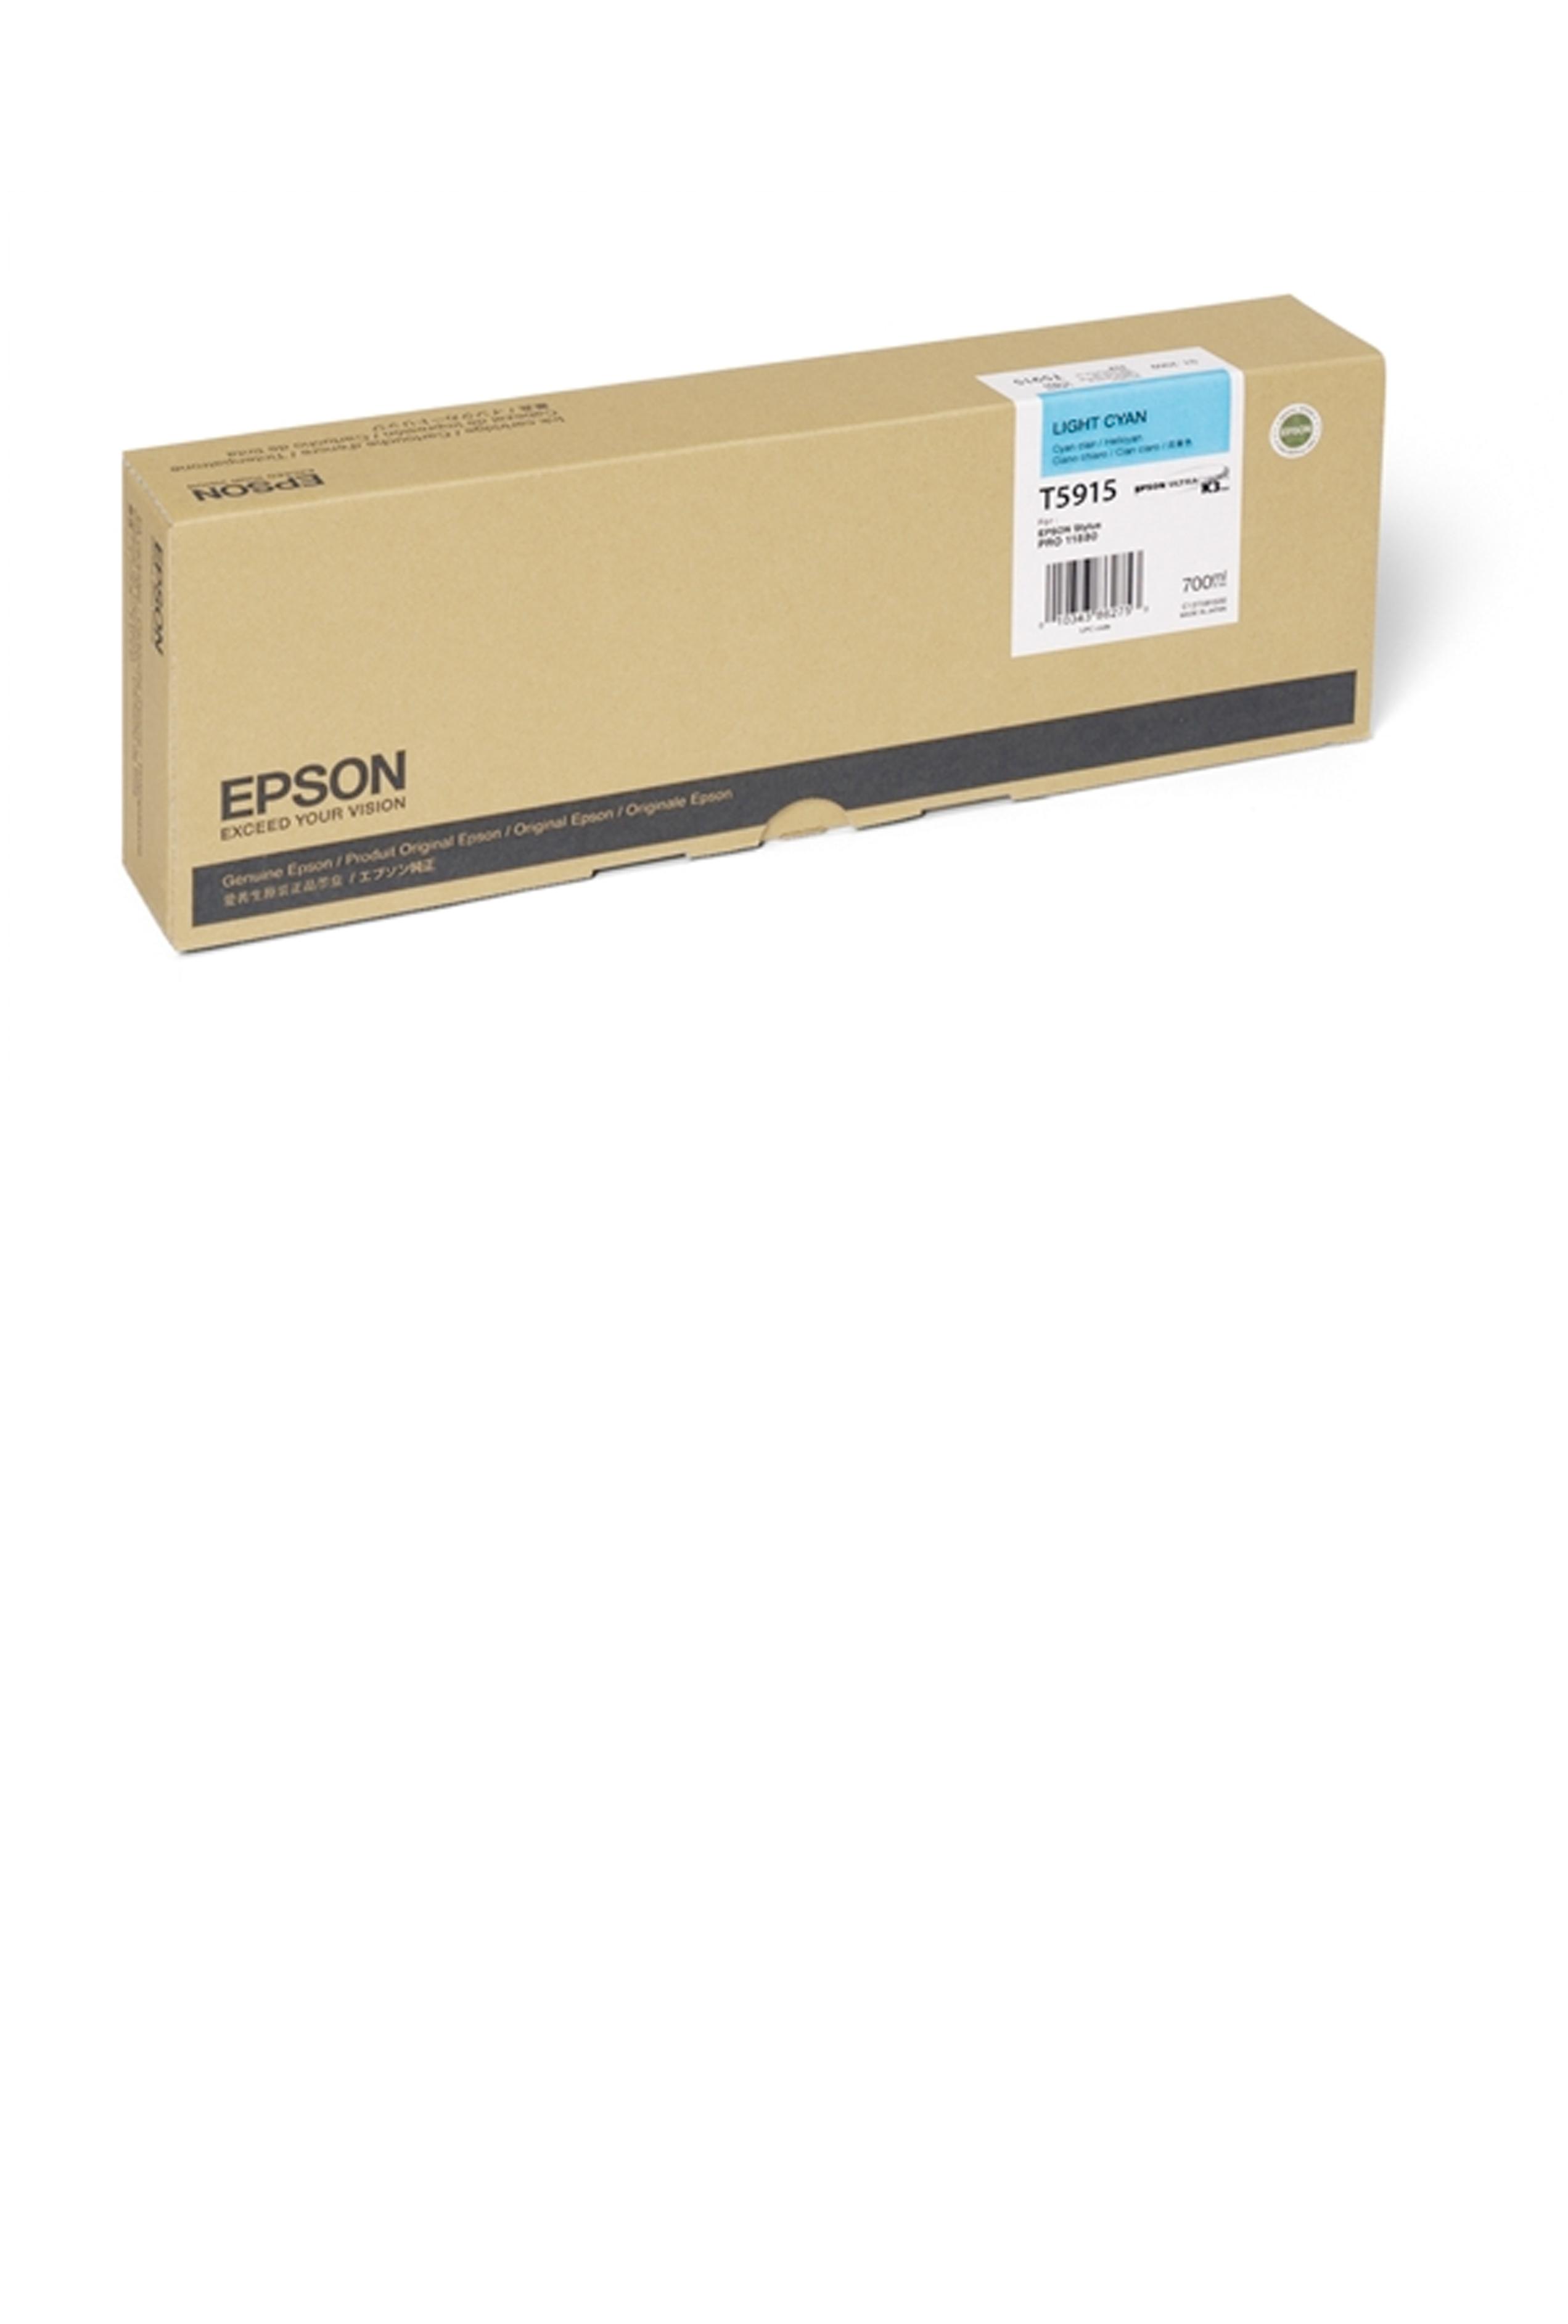 Epson EPSON HI LT CYAN INK (700 ML) (T591500)